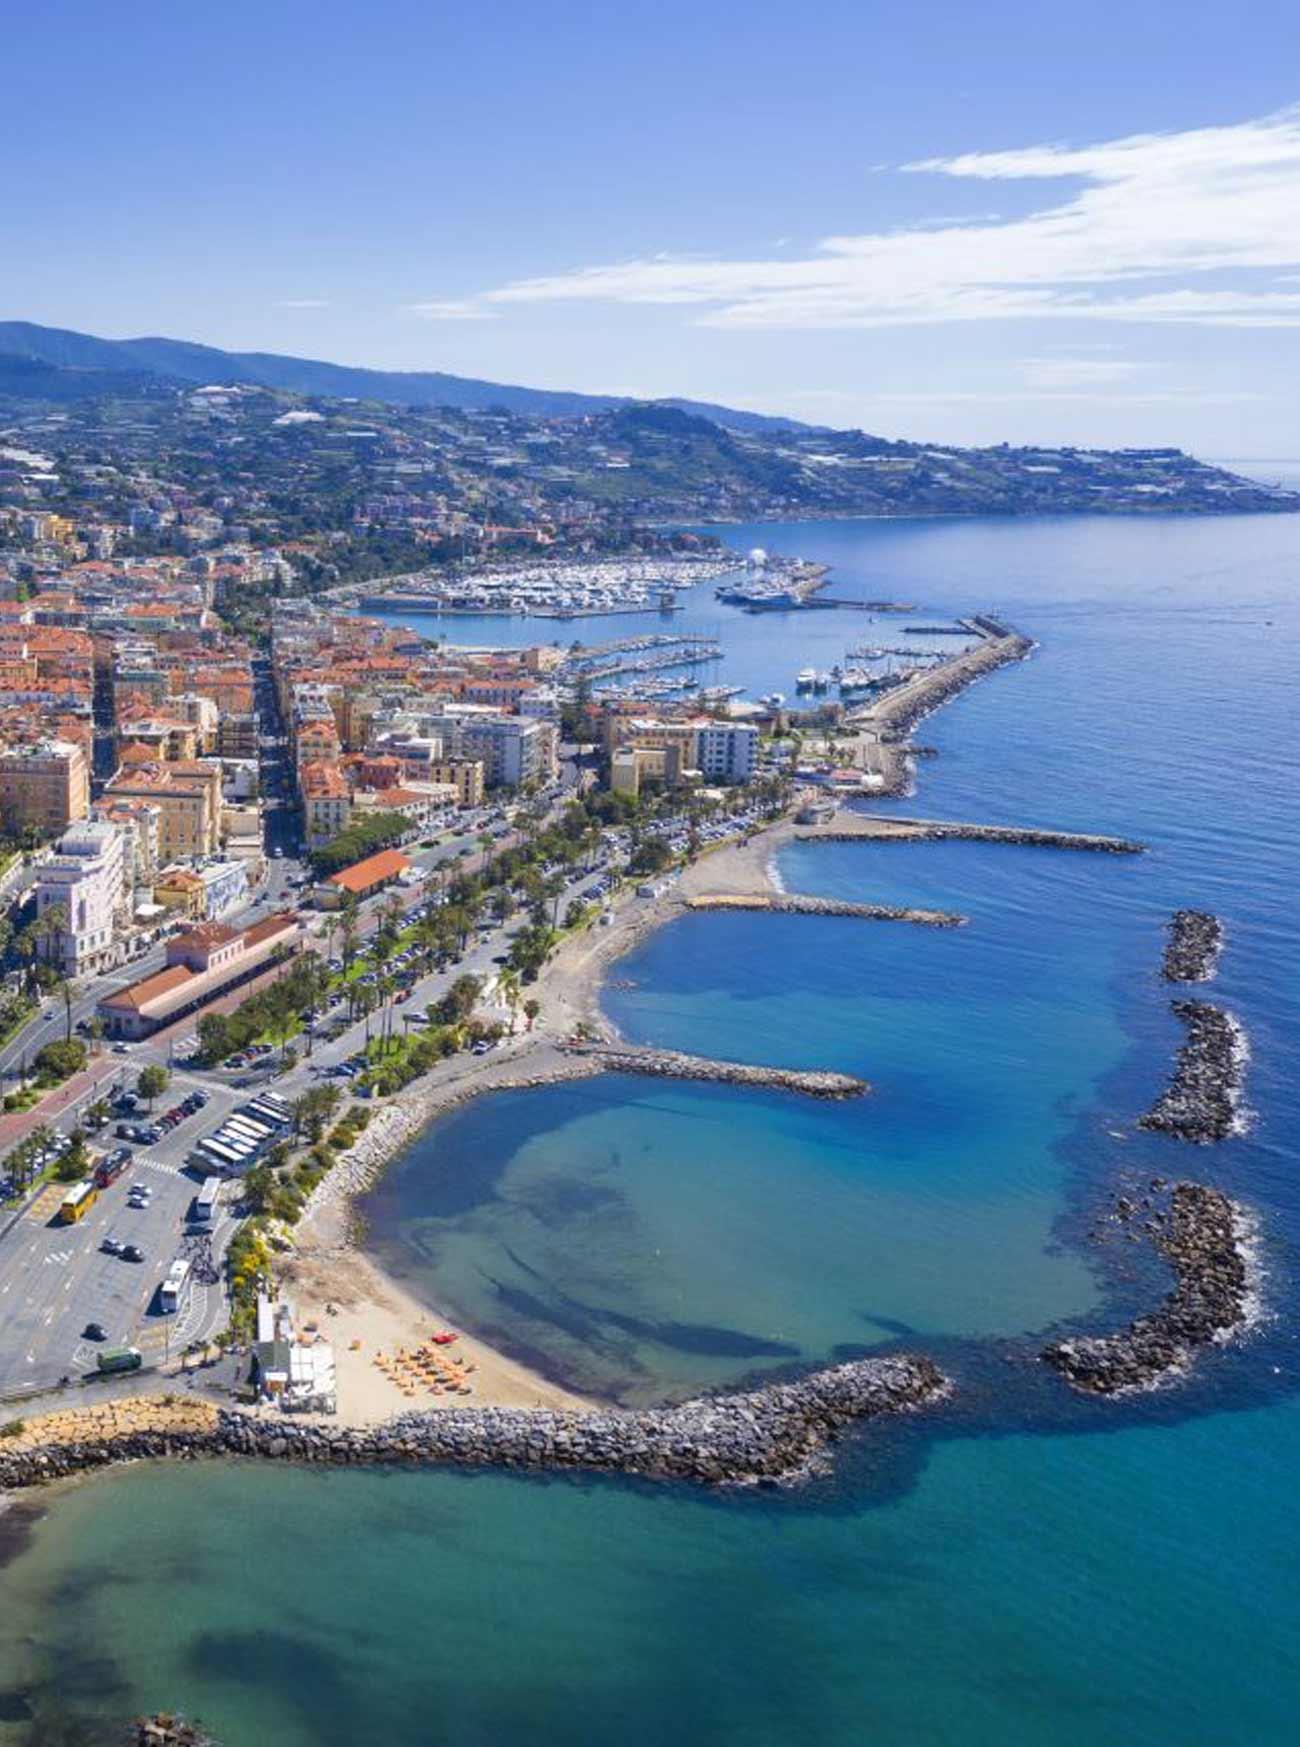 Liguria-Digitale-portfolio-clienti-mercomm-agenzia-comunicazione